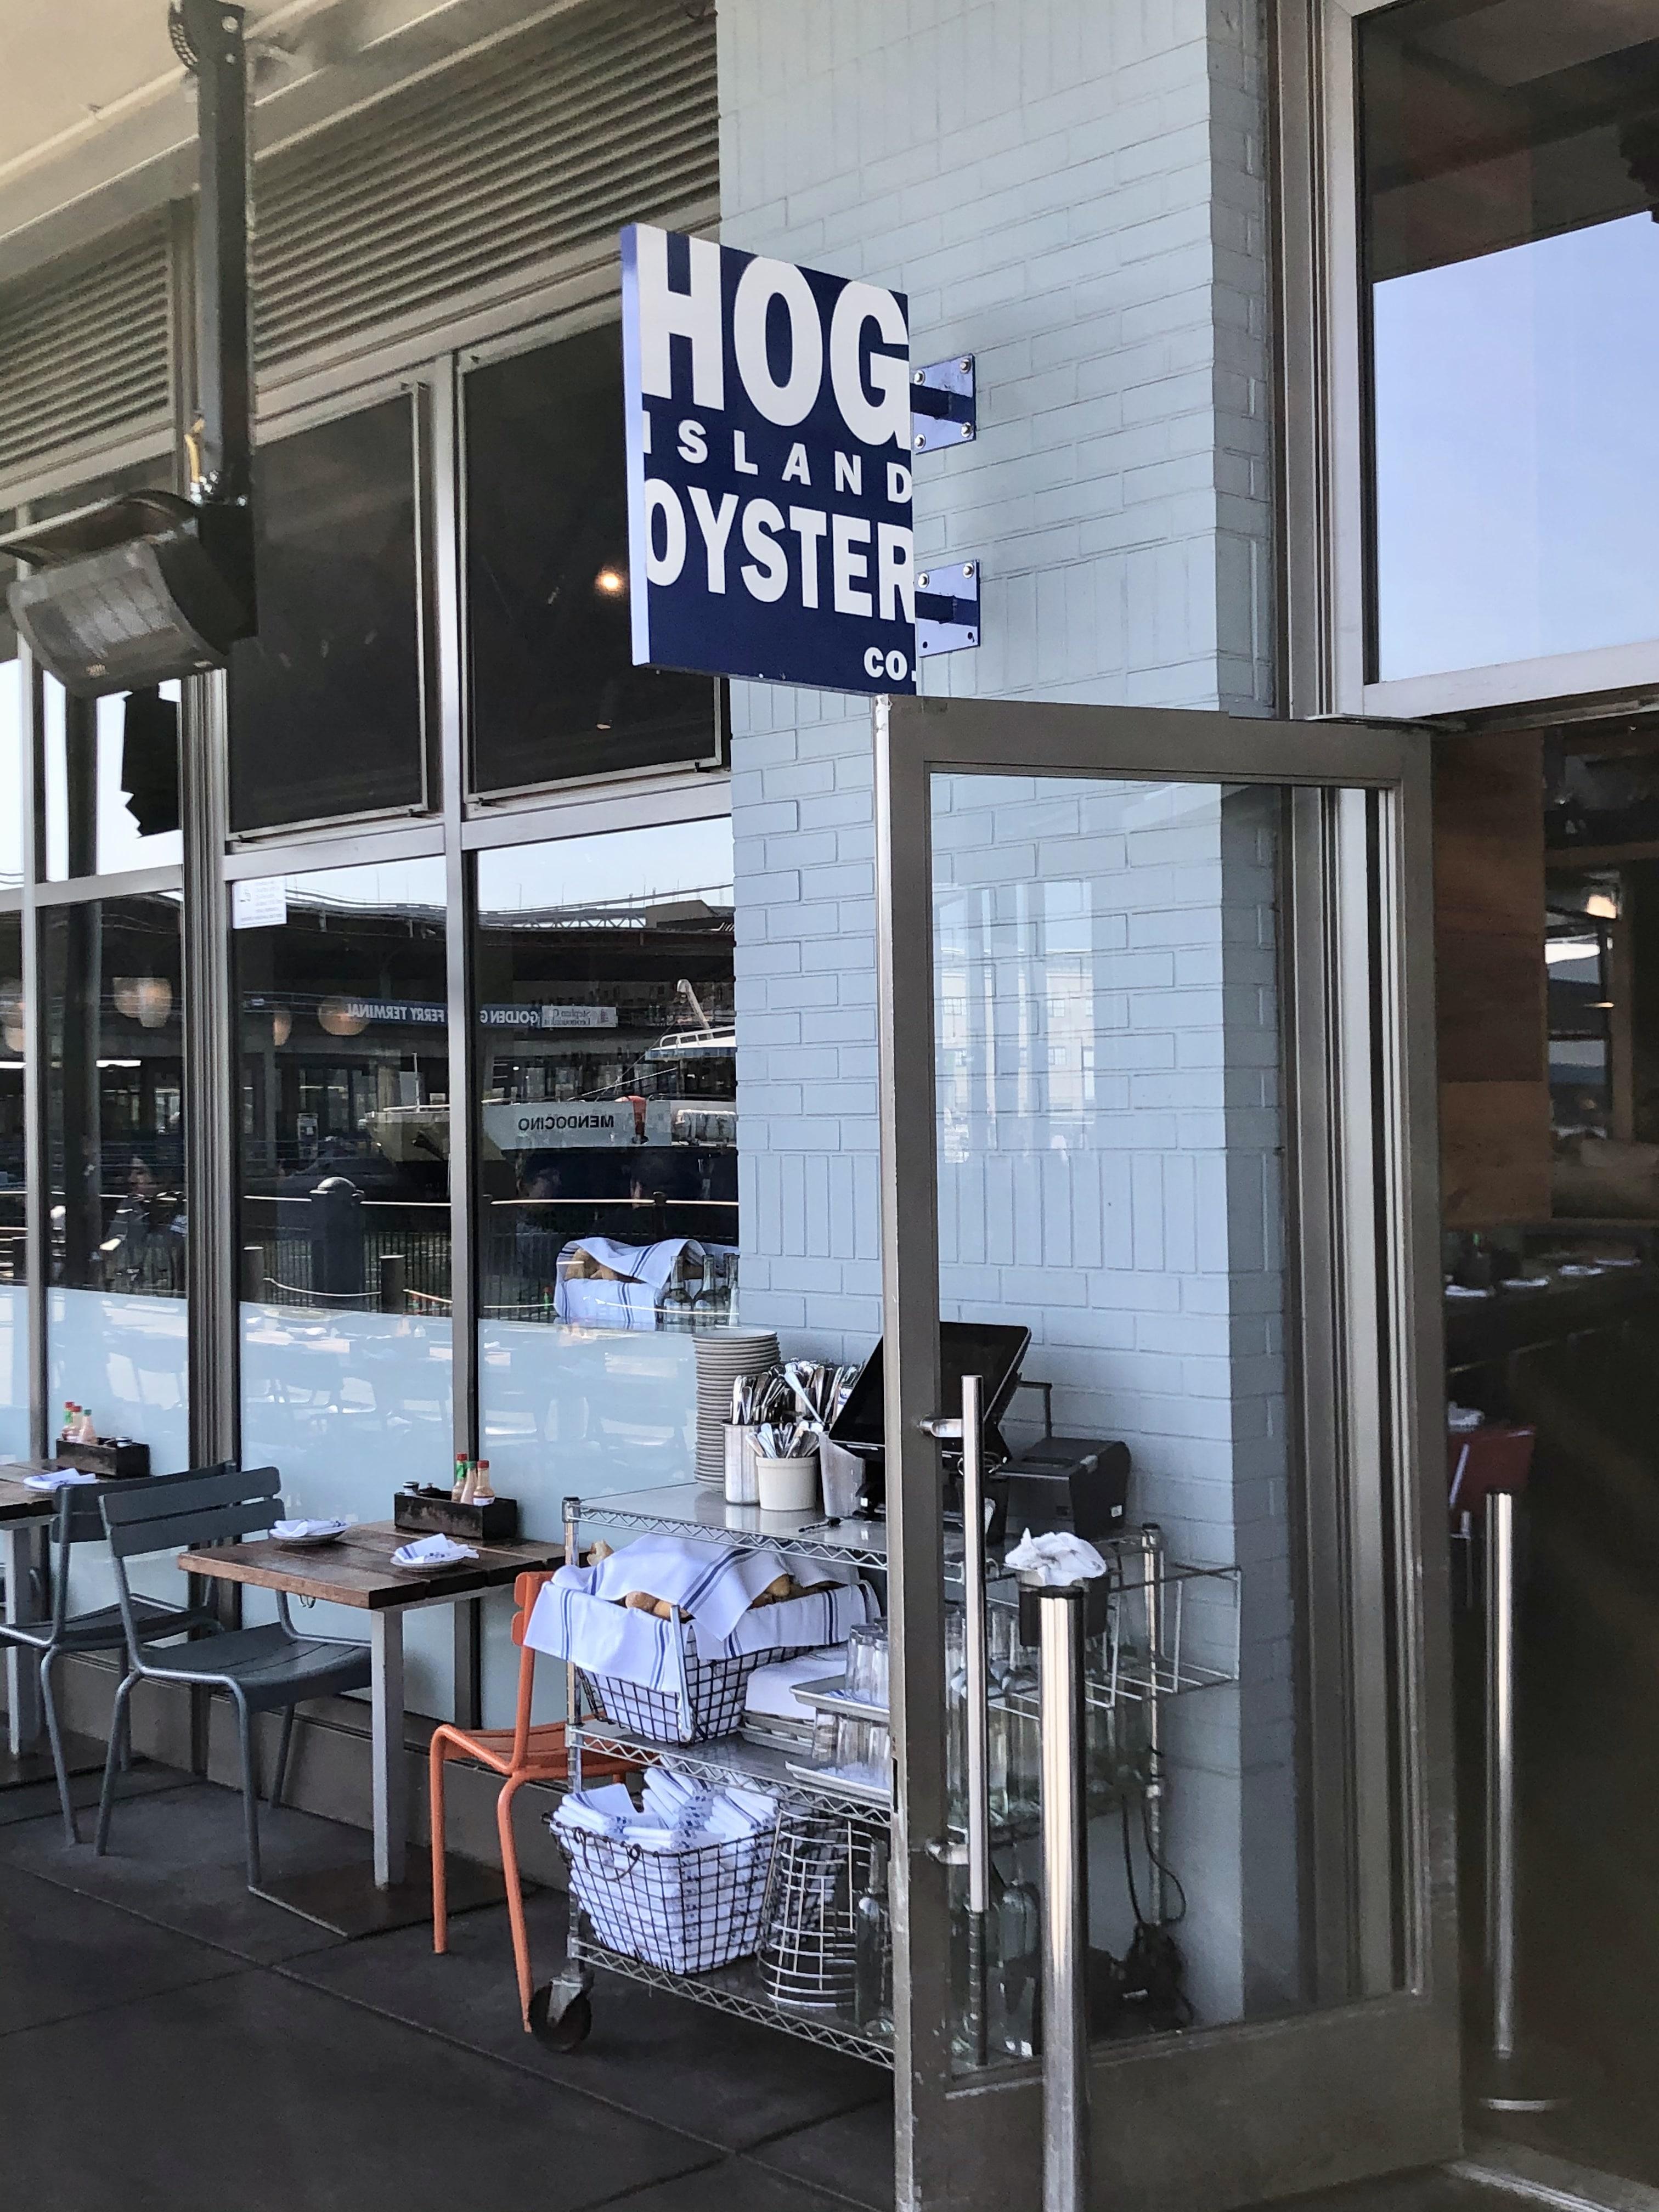 Hog Island Oyster Co San Francisco